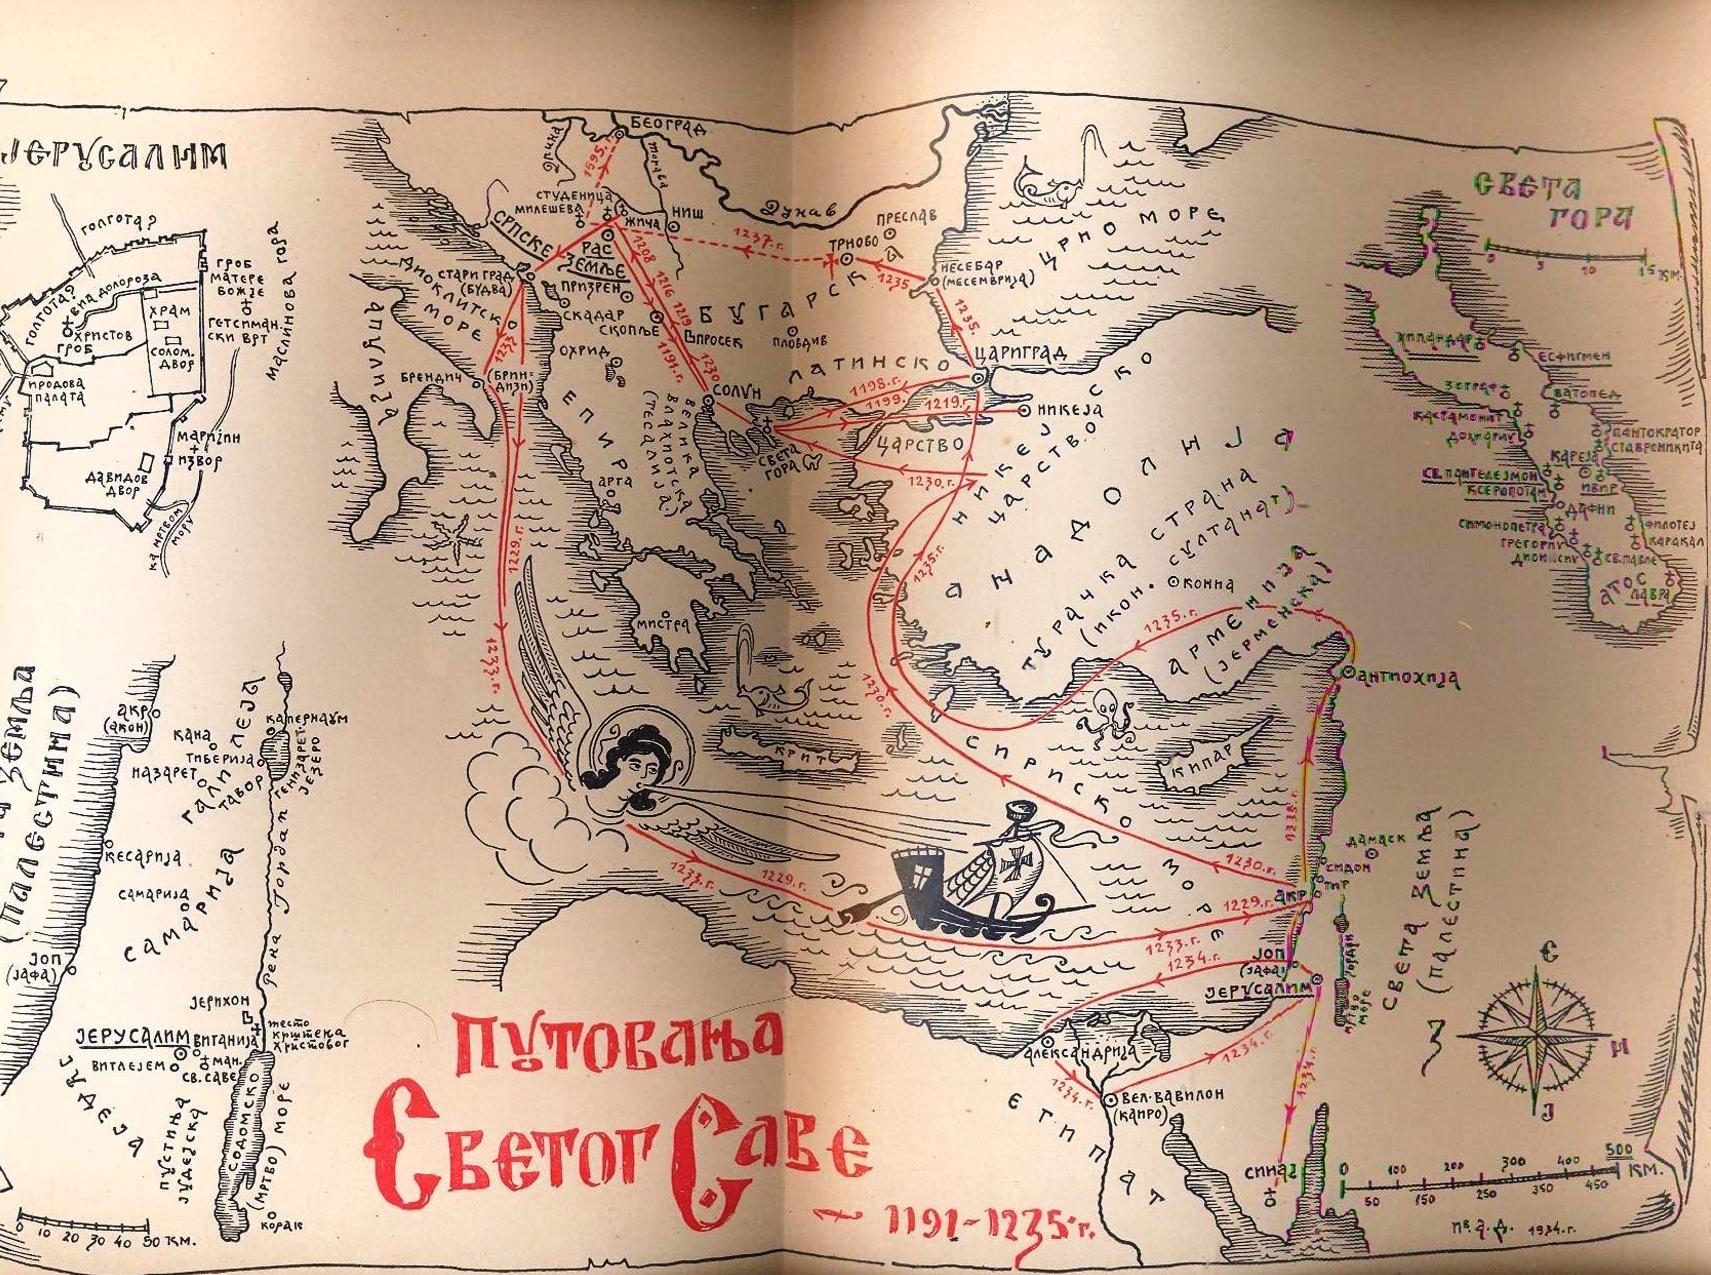 Путовања Св. Саве по источнохришћанскиим земљама (1191–1235), цртеж Александра Дерока (1939)